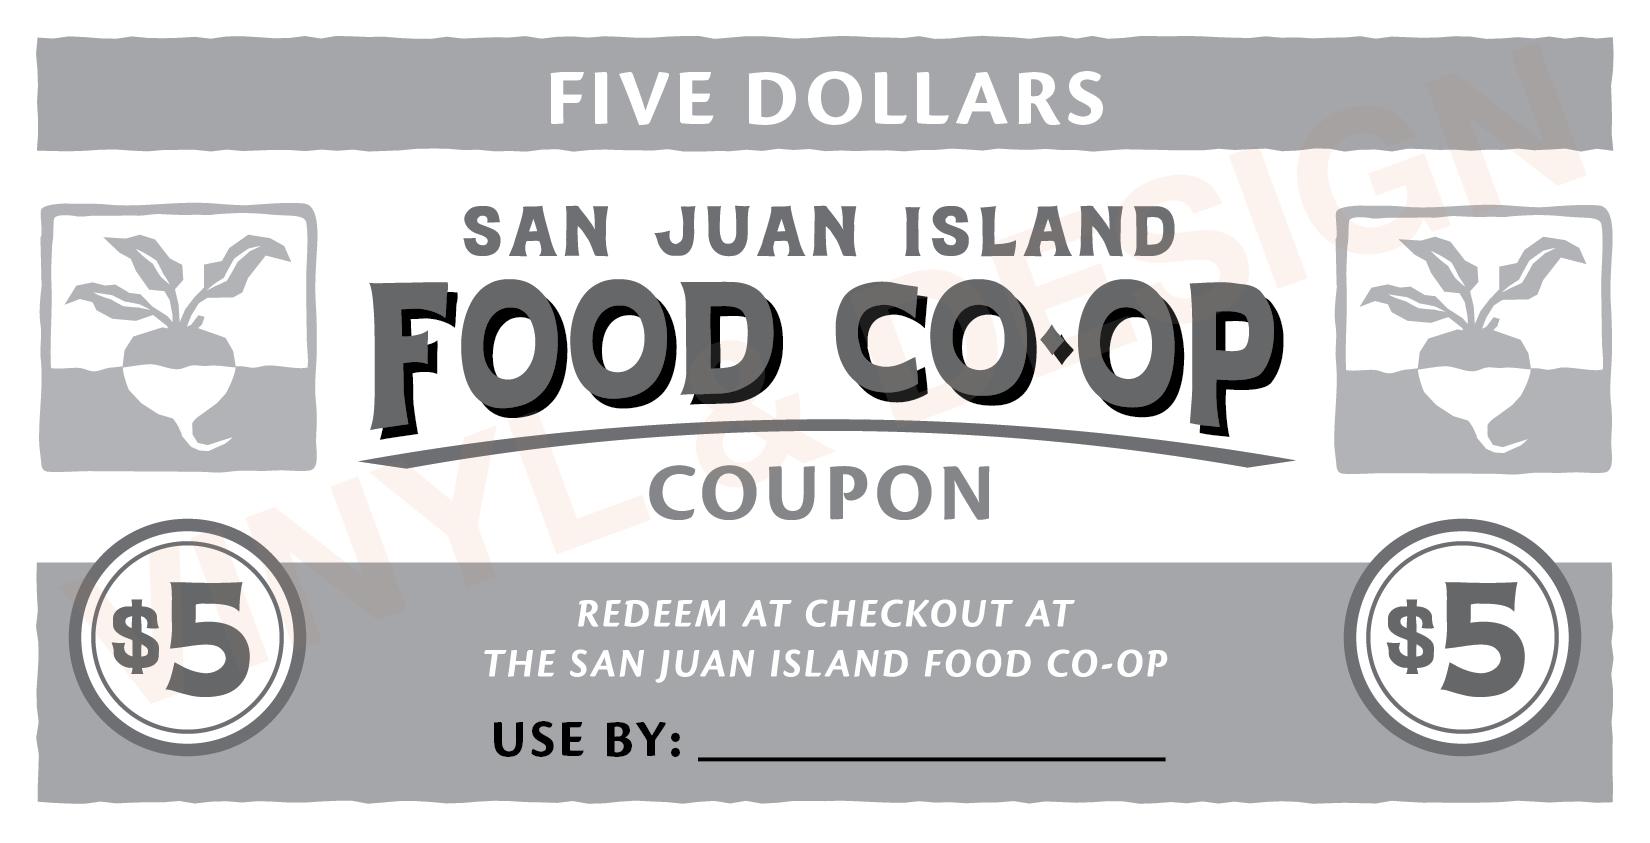 SAN JUAN ISLAND FOOD CO-OP (coupon)